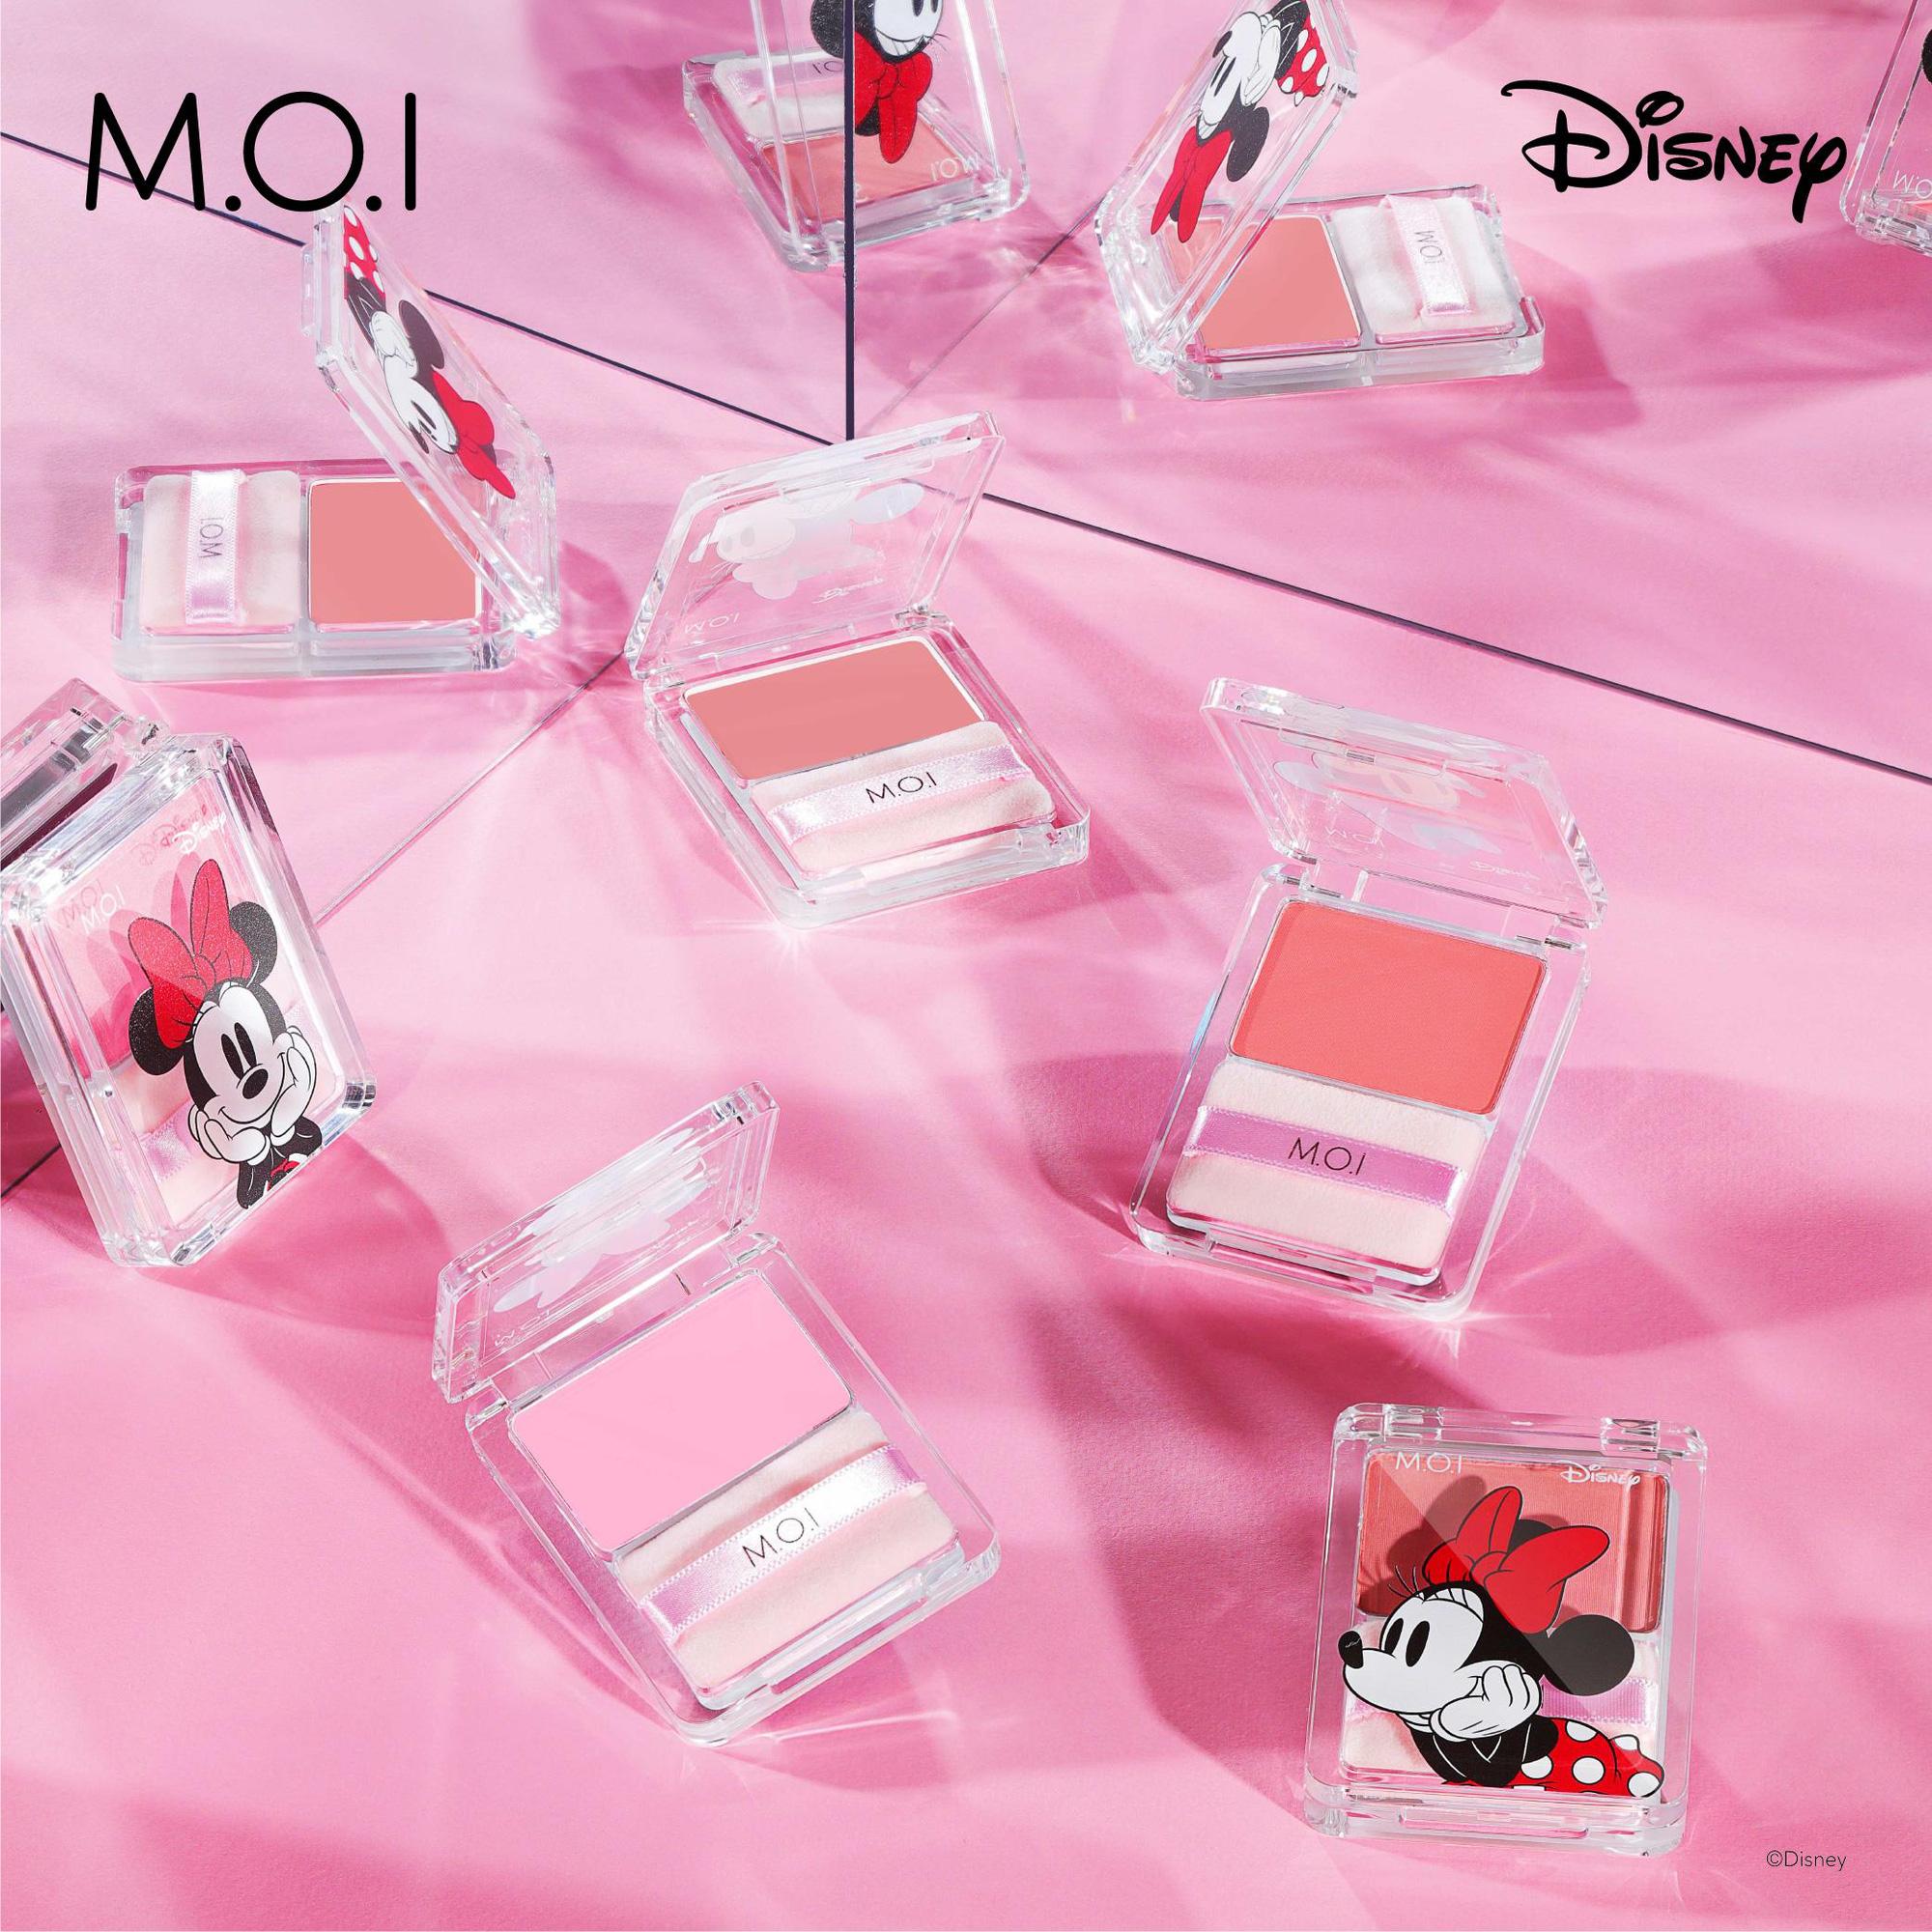 Vì sao BST son phấn M.O.I Cosmetics bắt tay với Disney của Hà Hồ lại khiến hàng loạt sao Việt thả tim ngập trời thế này? - Ảnh 9.